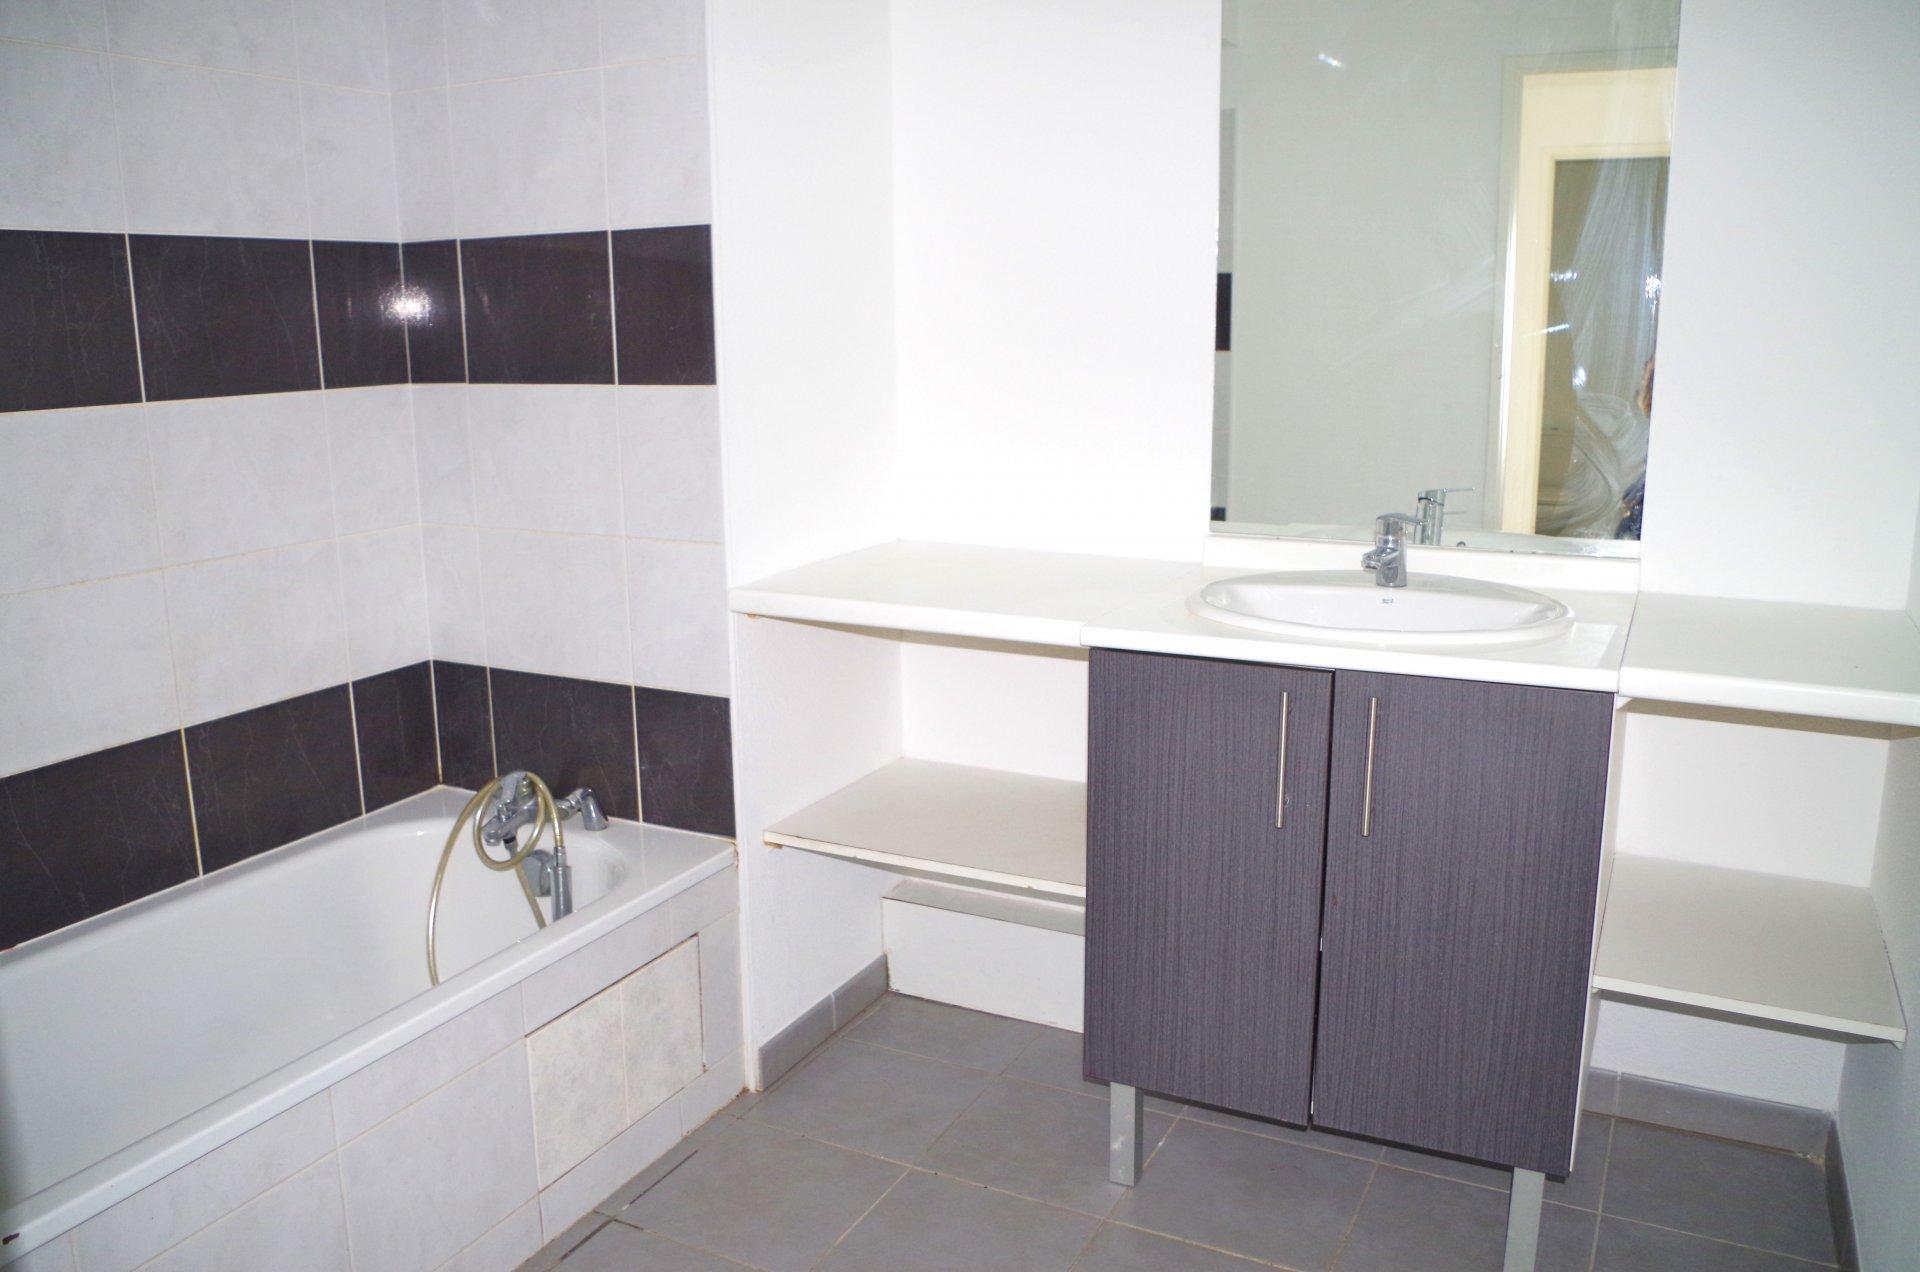 Appartement T3 - 64 m² - TOULOUSE 3 COCUS